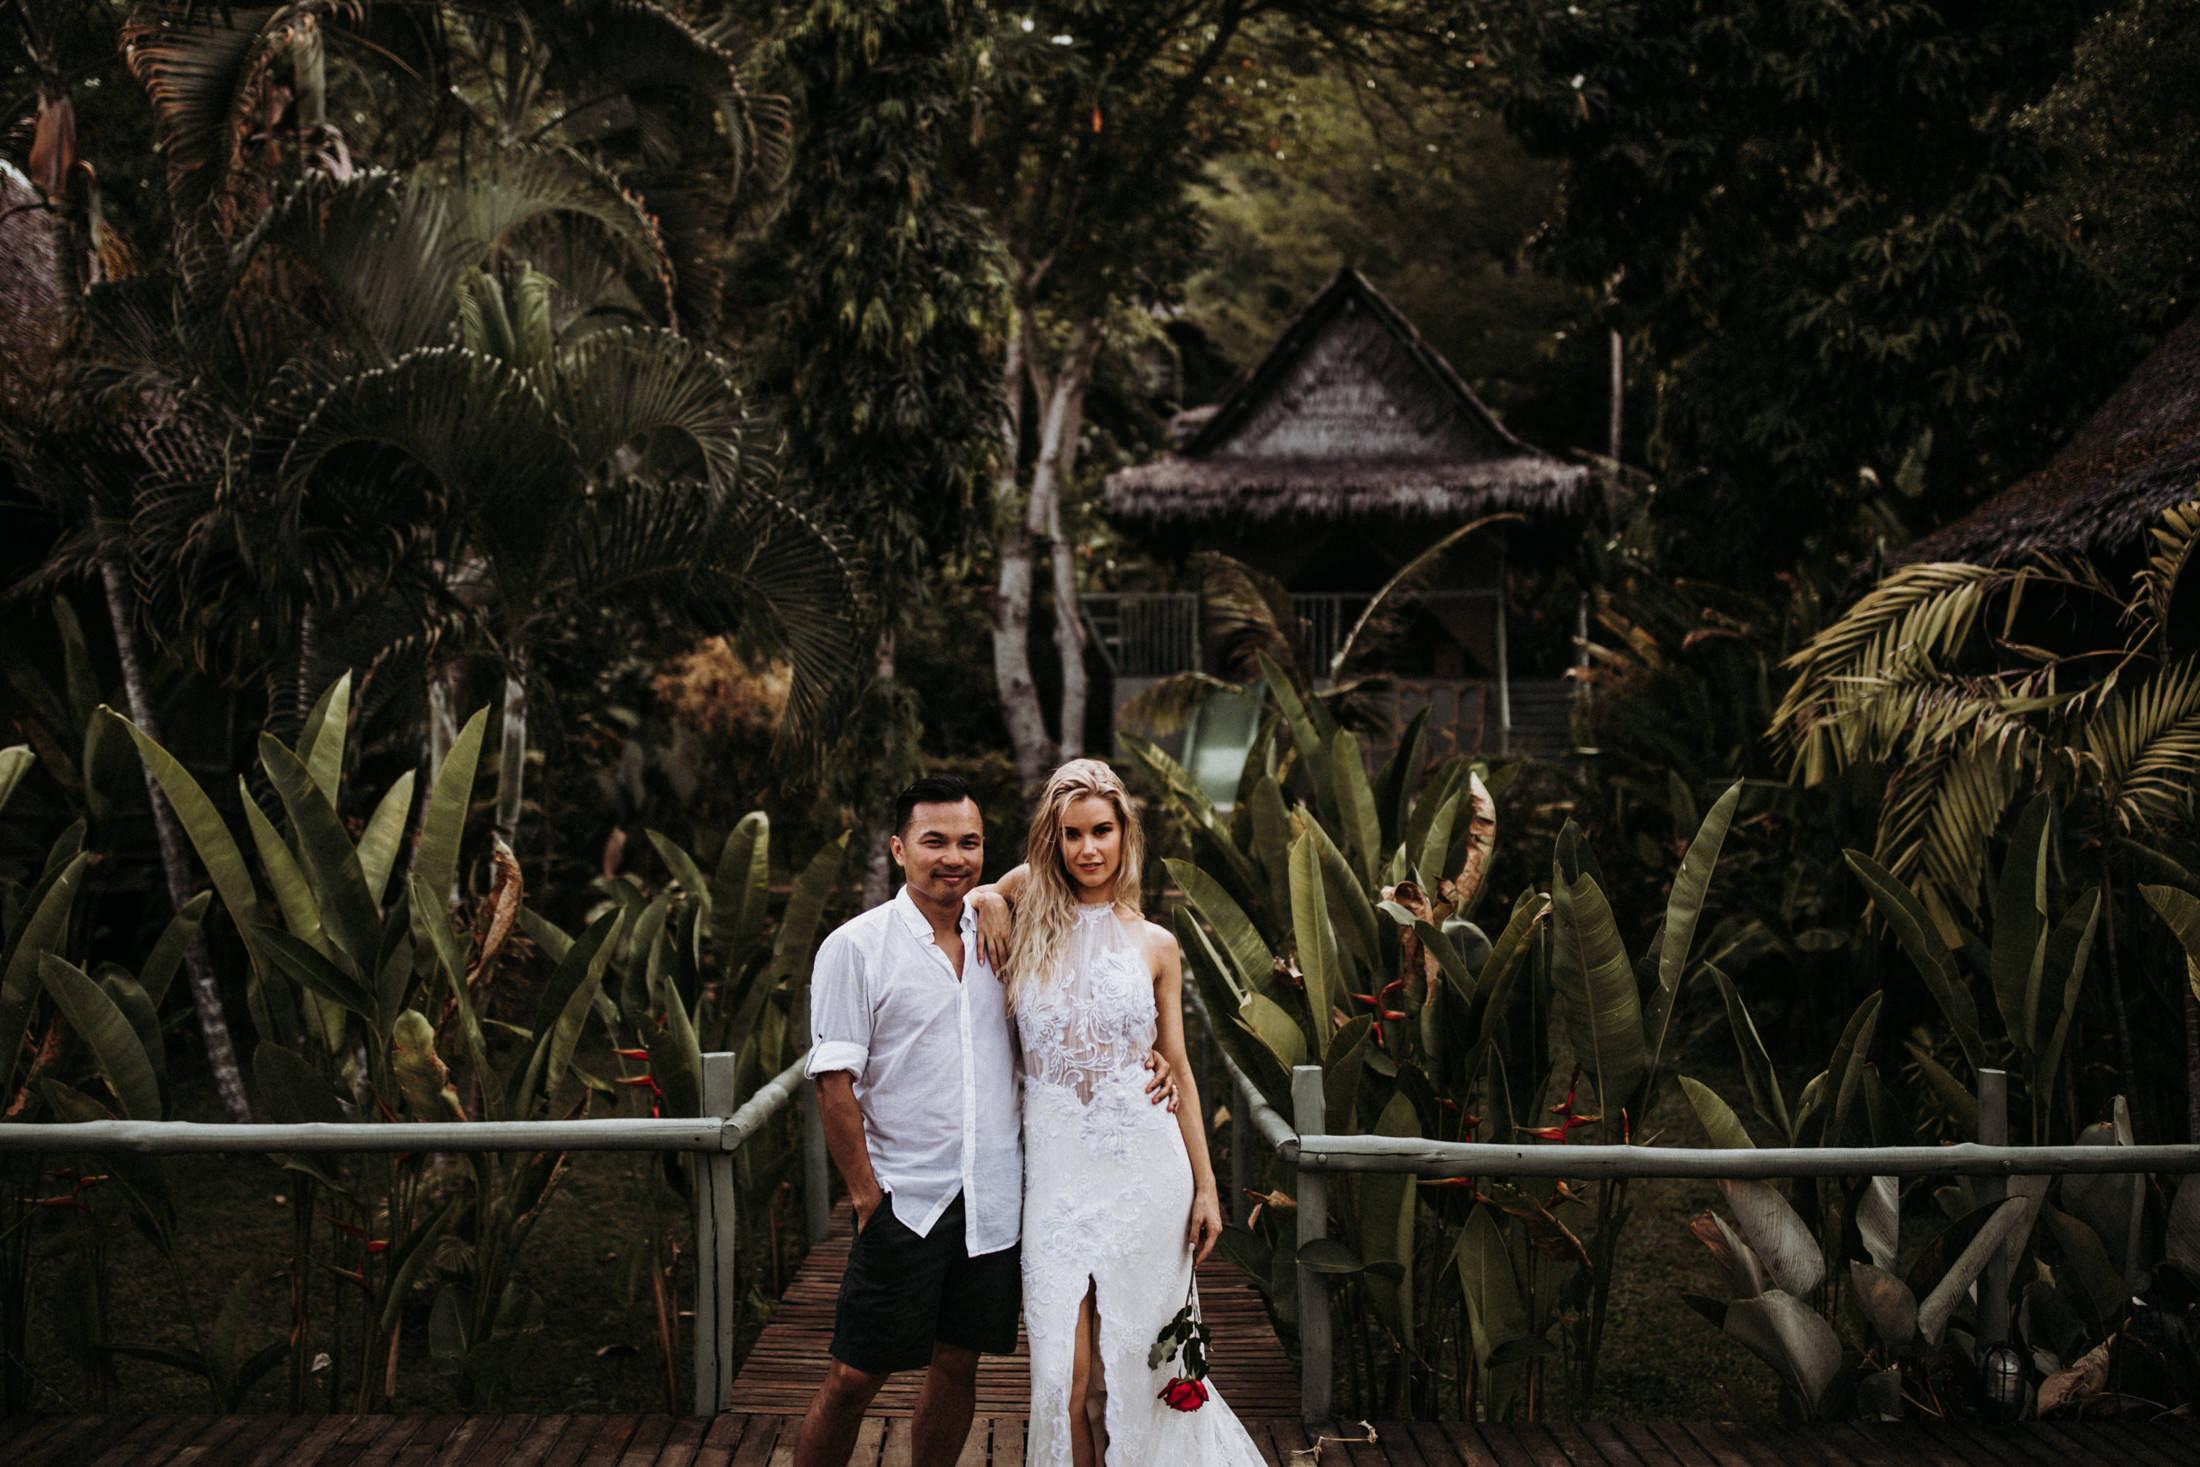 DanielaMarquardt_Wedding_Thailand_501